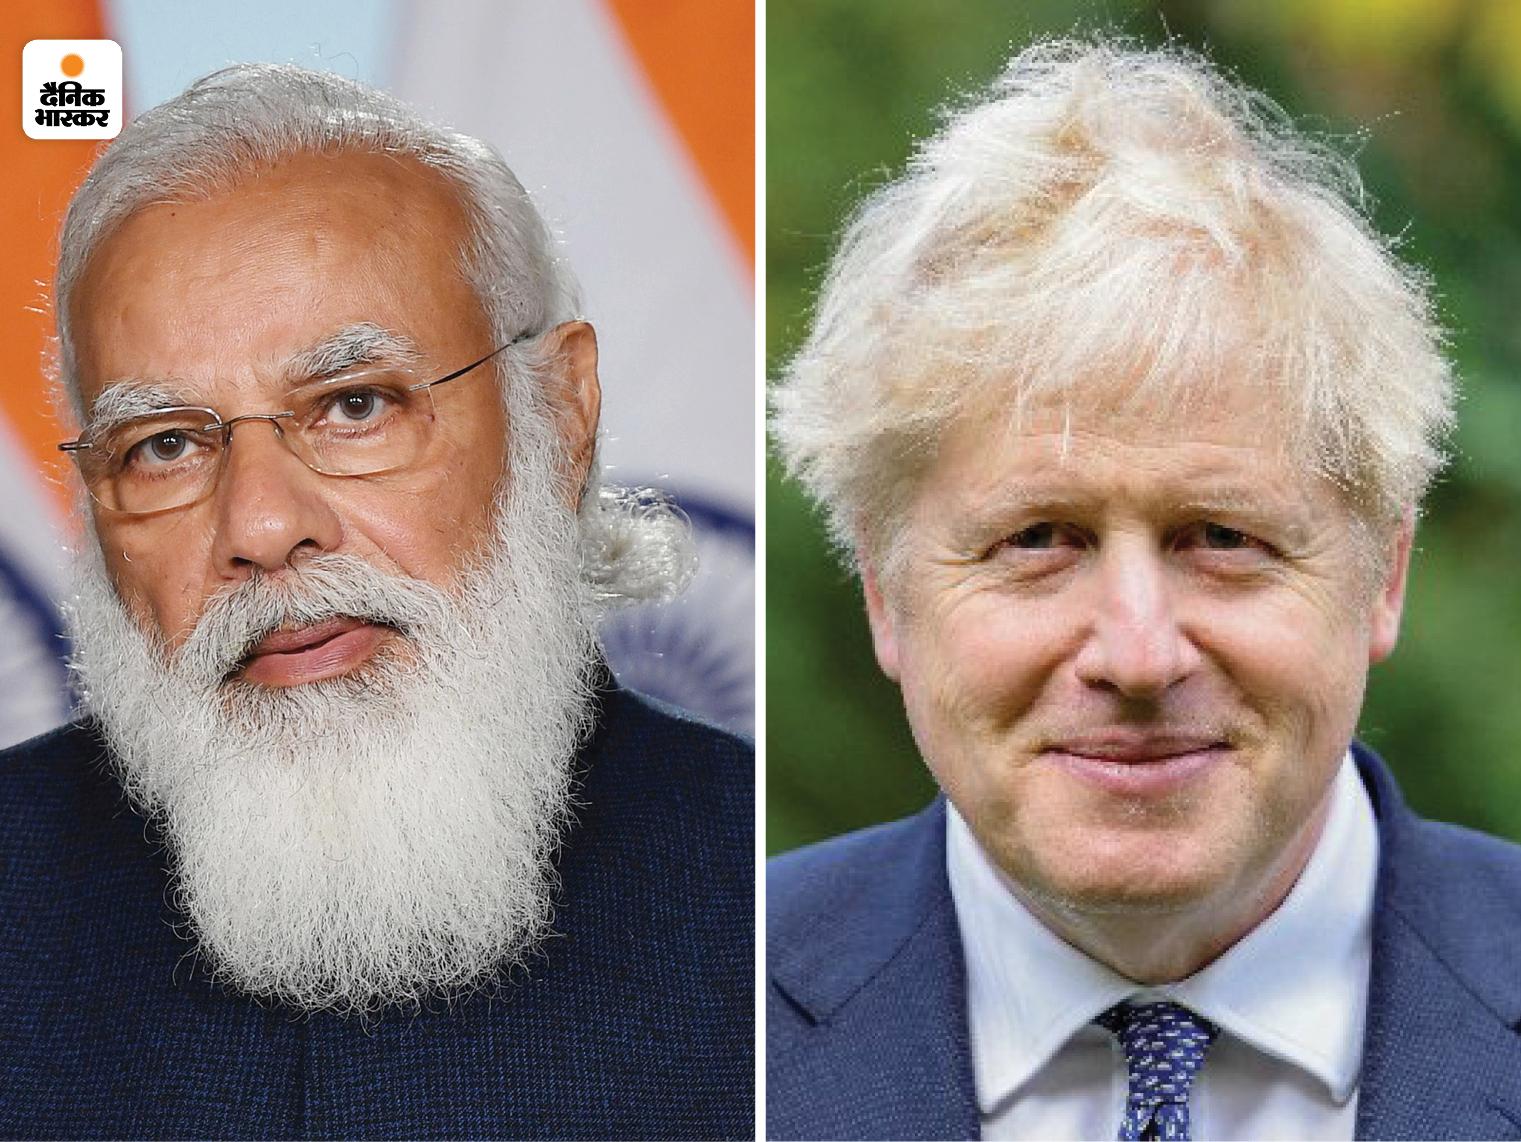 प्रधानमंत्री मोदी और ब्रिटिश PM जॉनसन आज शिखर सम्मेलन में हिस्सा लेंगे; कोरोना के बीच सहयोग पर चर्चा होगी|देश,National - Dainik Bhaskar